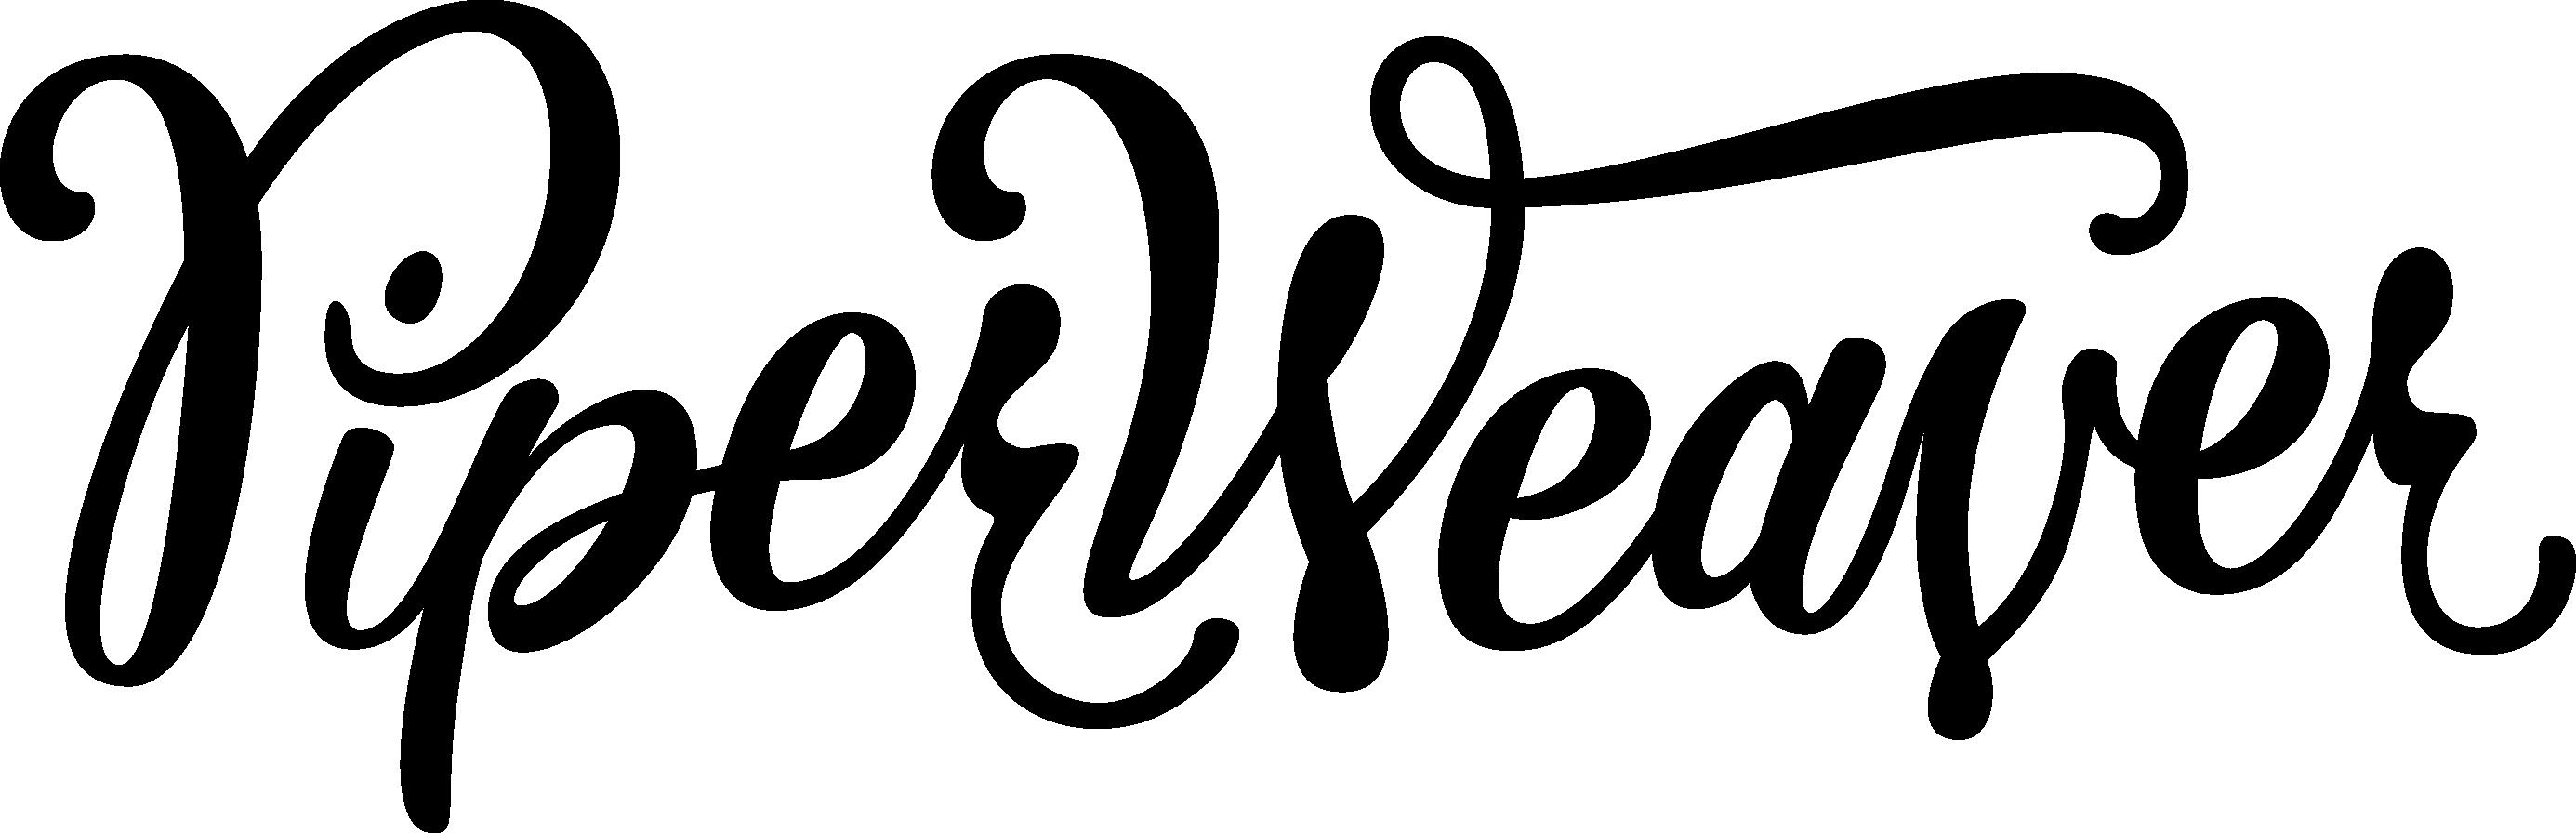 Piper Weaver